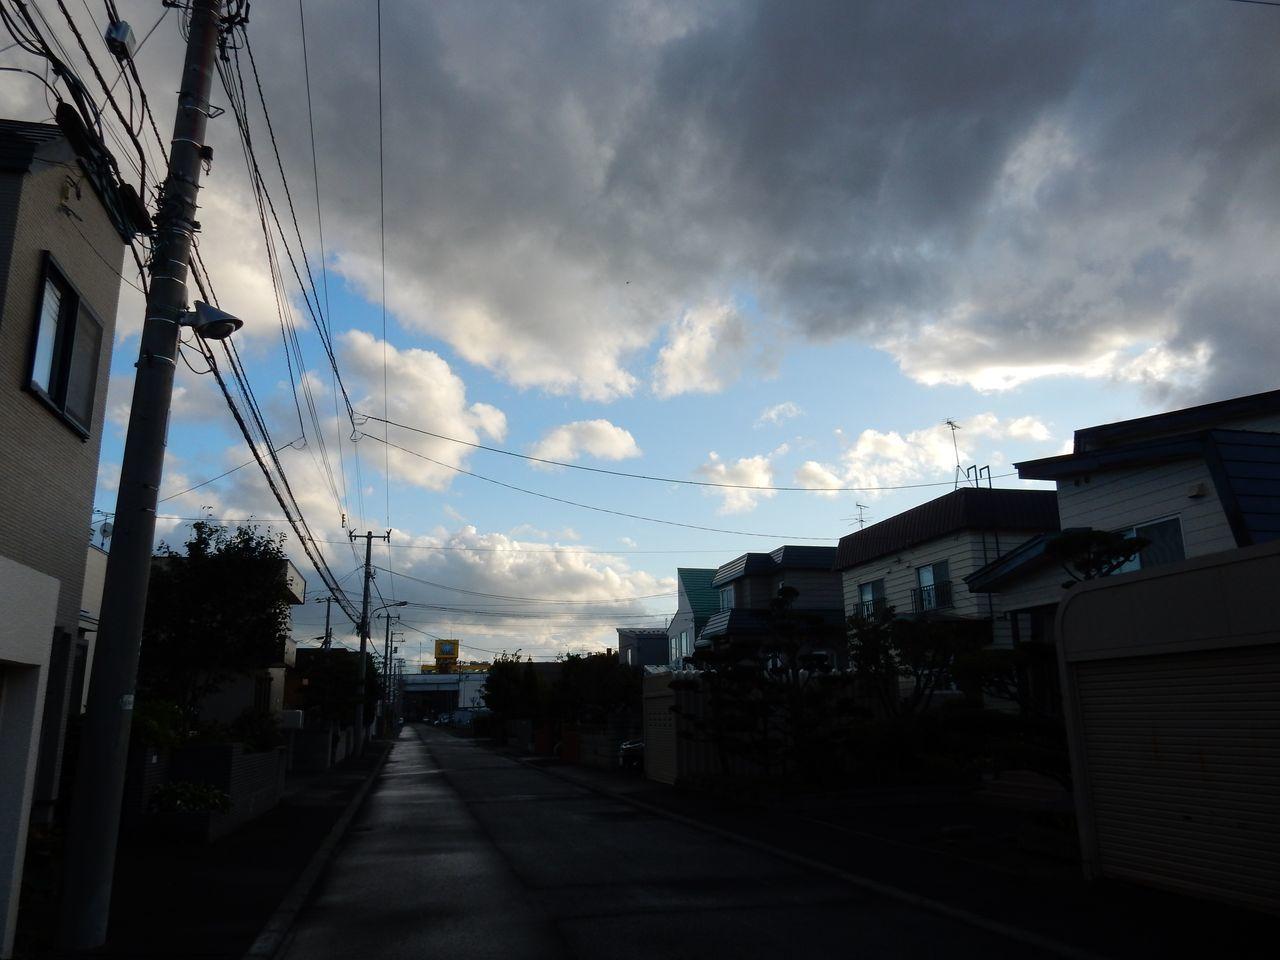 午後遅くなってからようやく「台風一過」の雰囲気に_c0025115_22590533.jpg